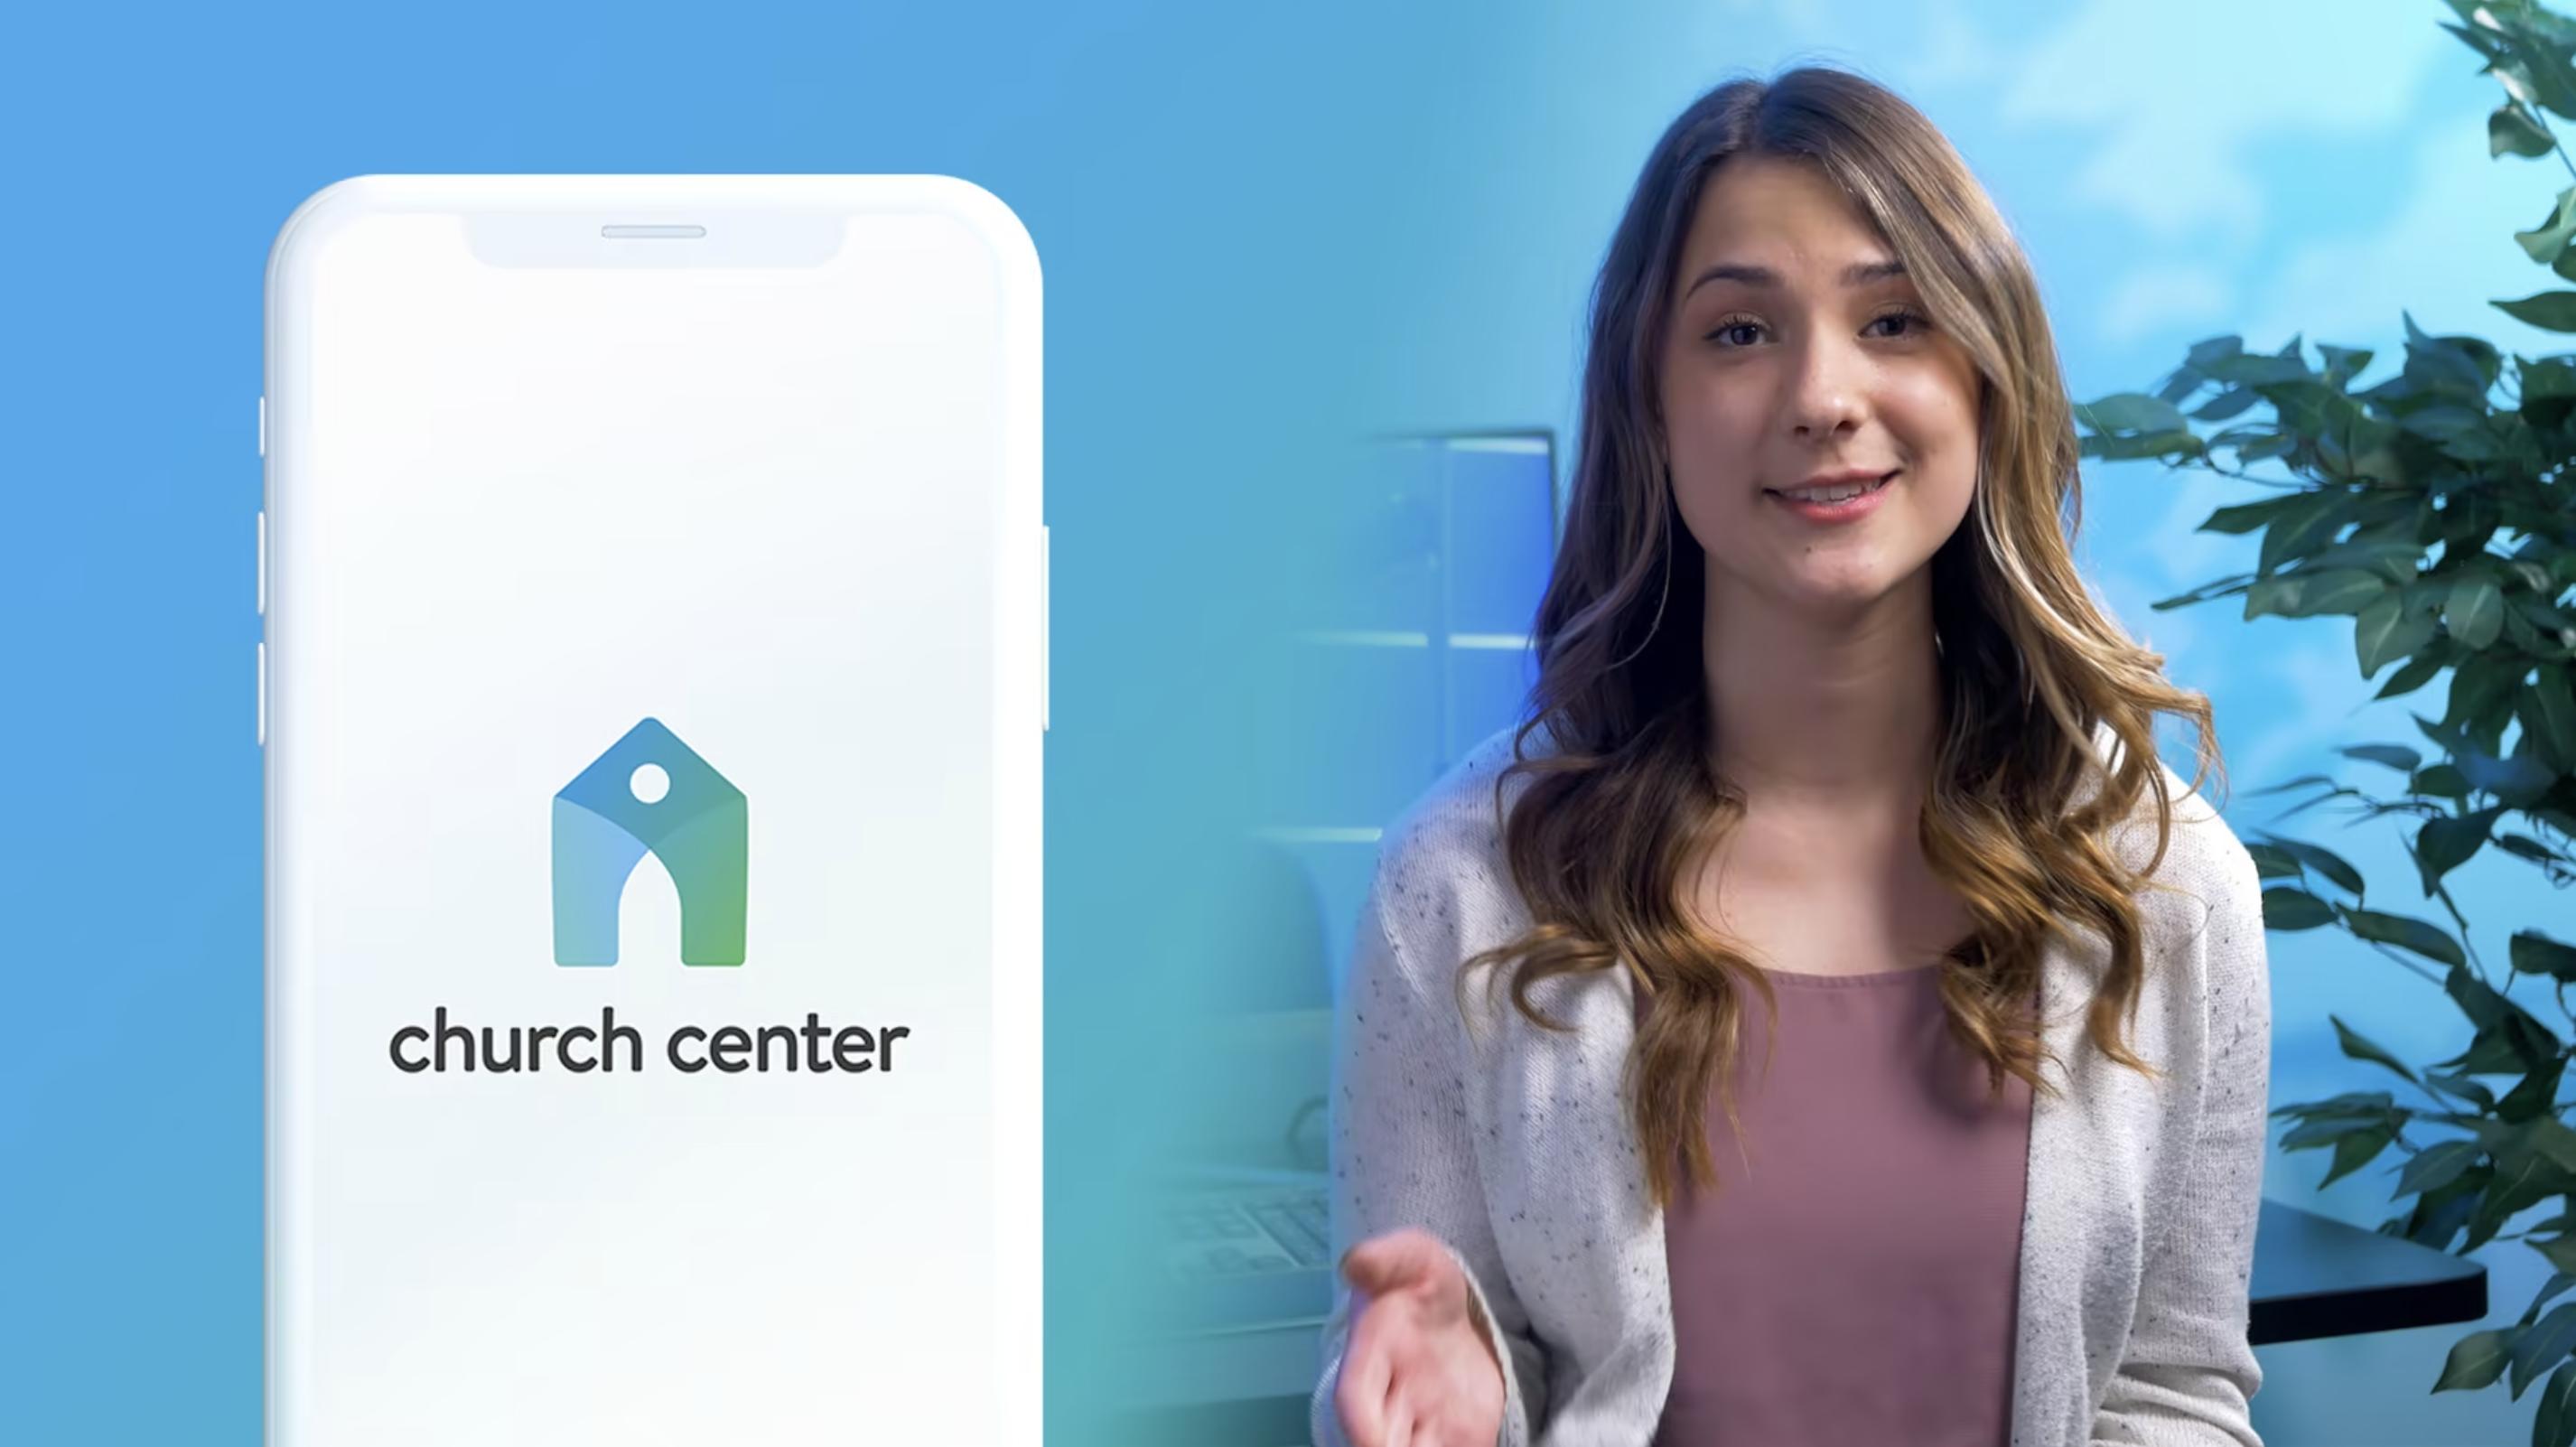 Church Center App Promo